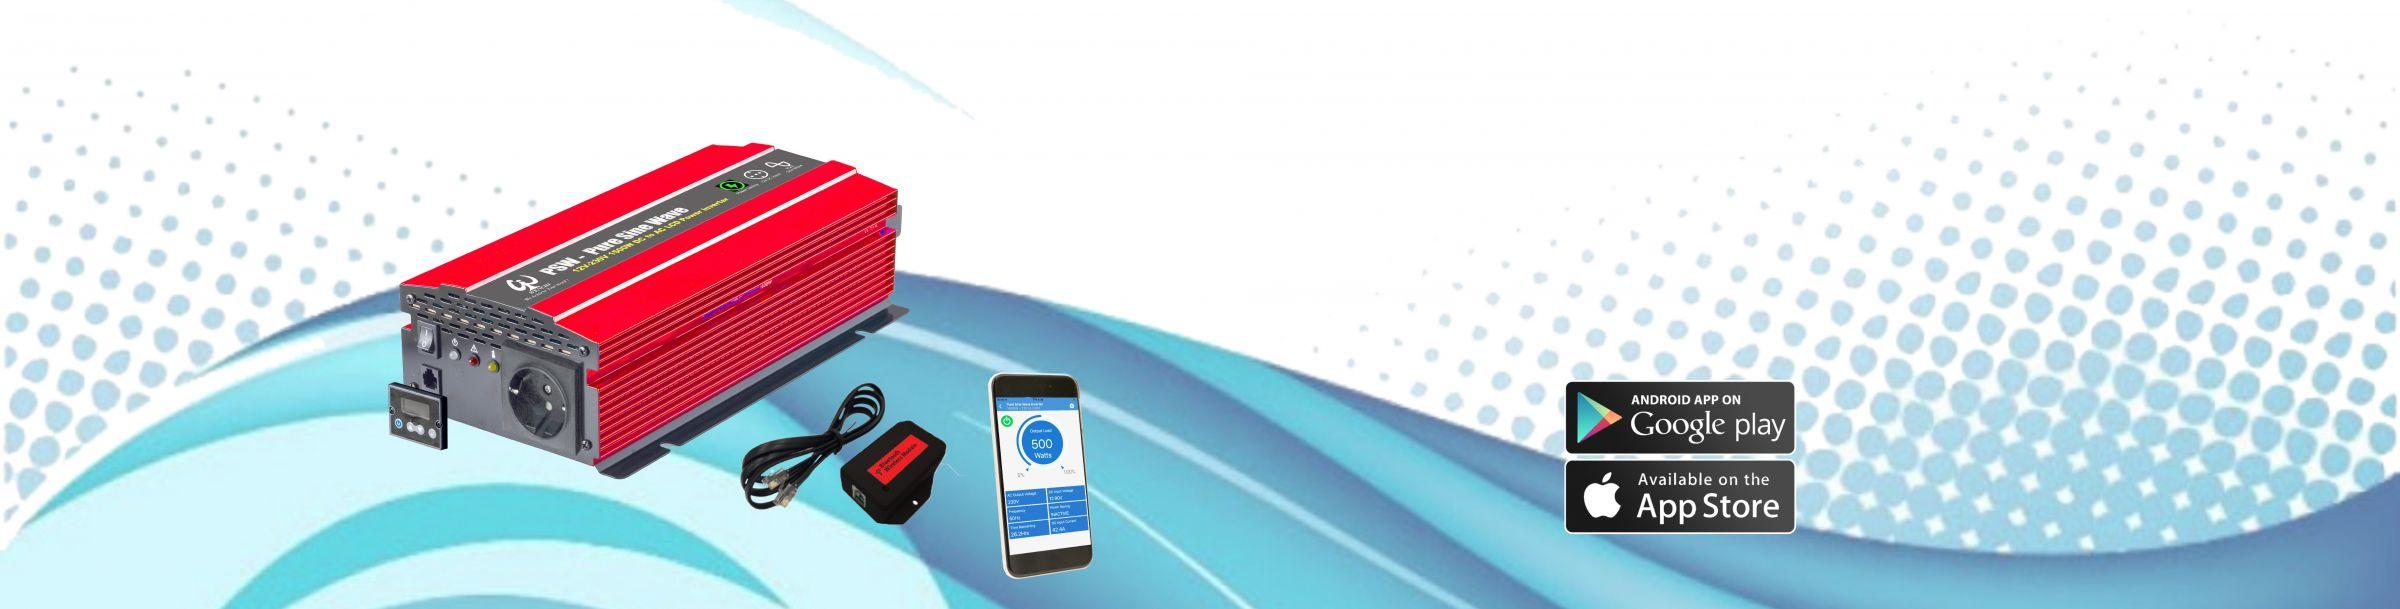 聞祺エンタープライズ   顧客を満足させる   カーエレクトロニクスの需要